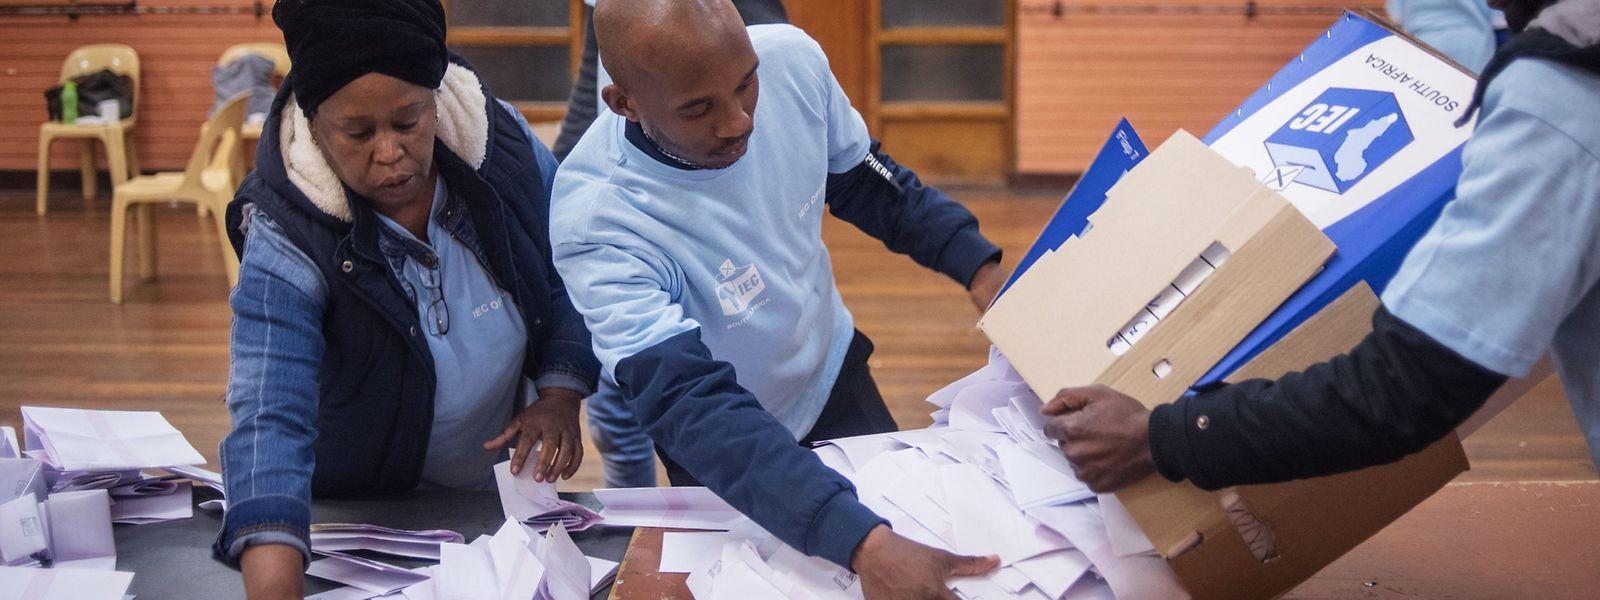 Die unabhängige Wahlkommission bei der Auszählung im Wahlbüro in Brixton, Johannesburg.